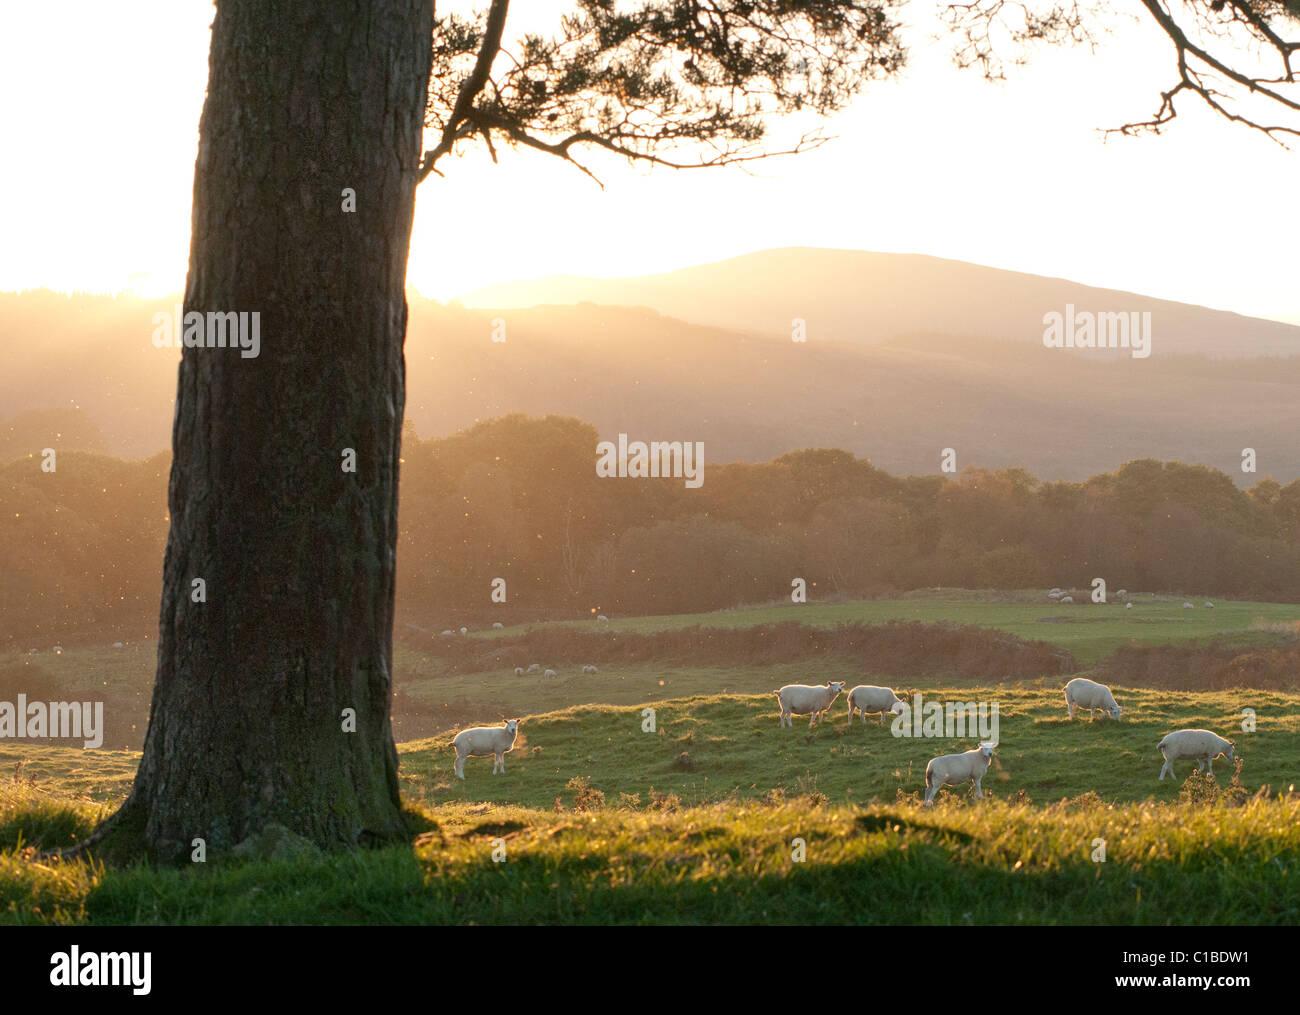 Tronco de árbol y las ovejas al atardecer Imagen De Stock